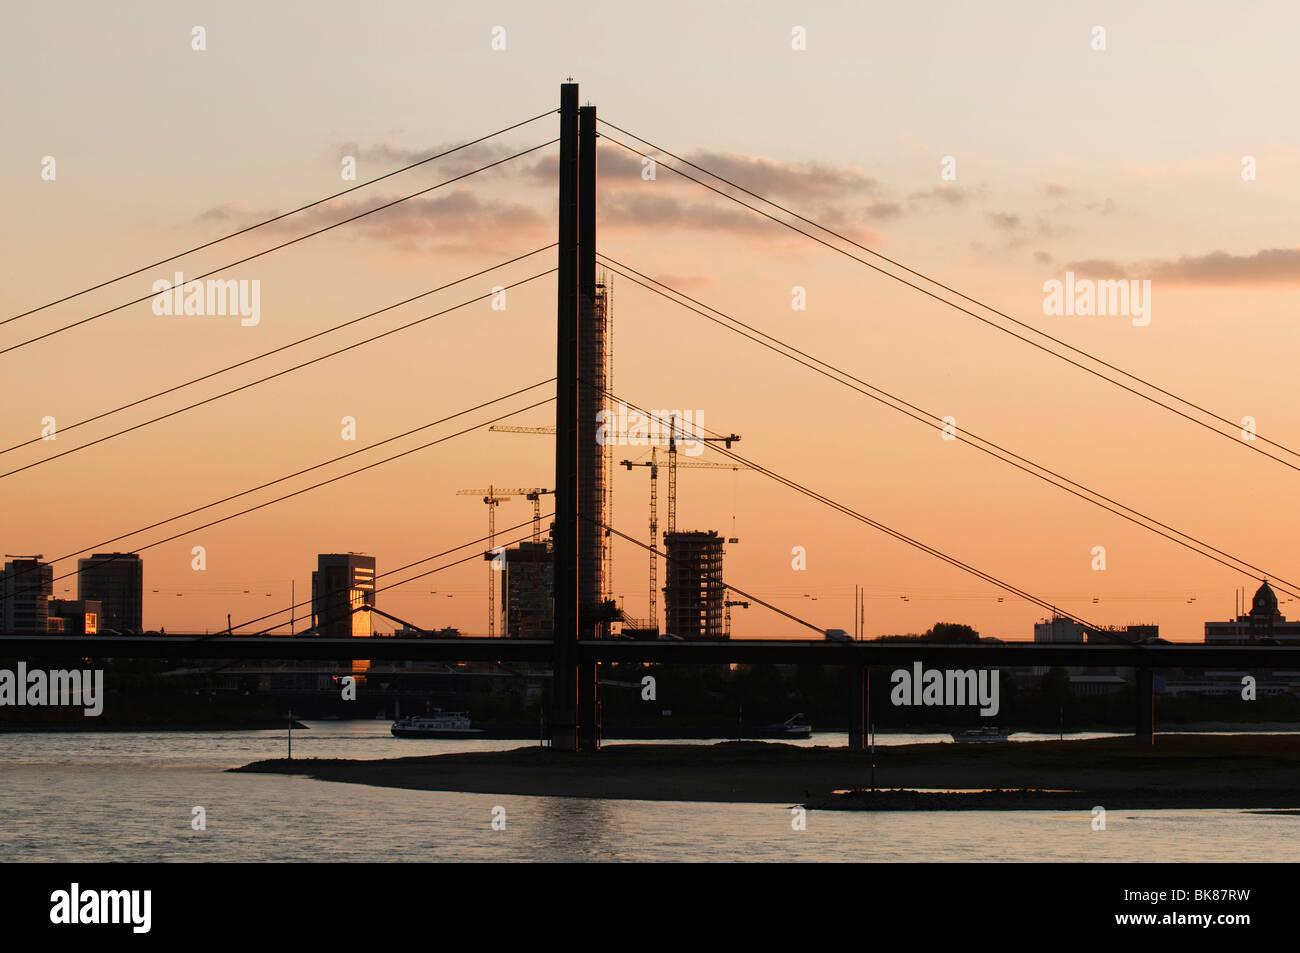 Rheinkniebruecke bridge in the evening, backlighting, Dusseldorf, North Rhine-Westphalia, Germany, Europe - Stock Image